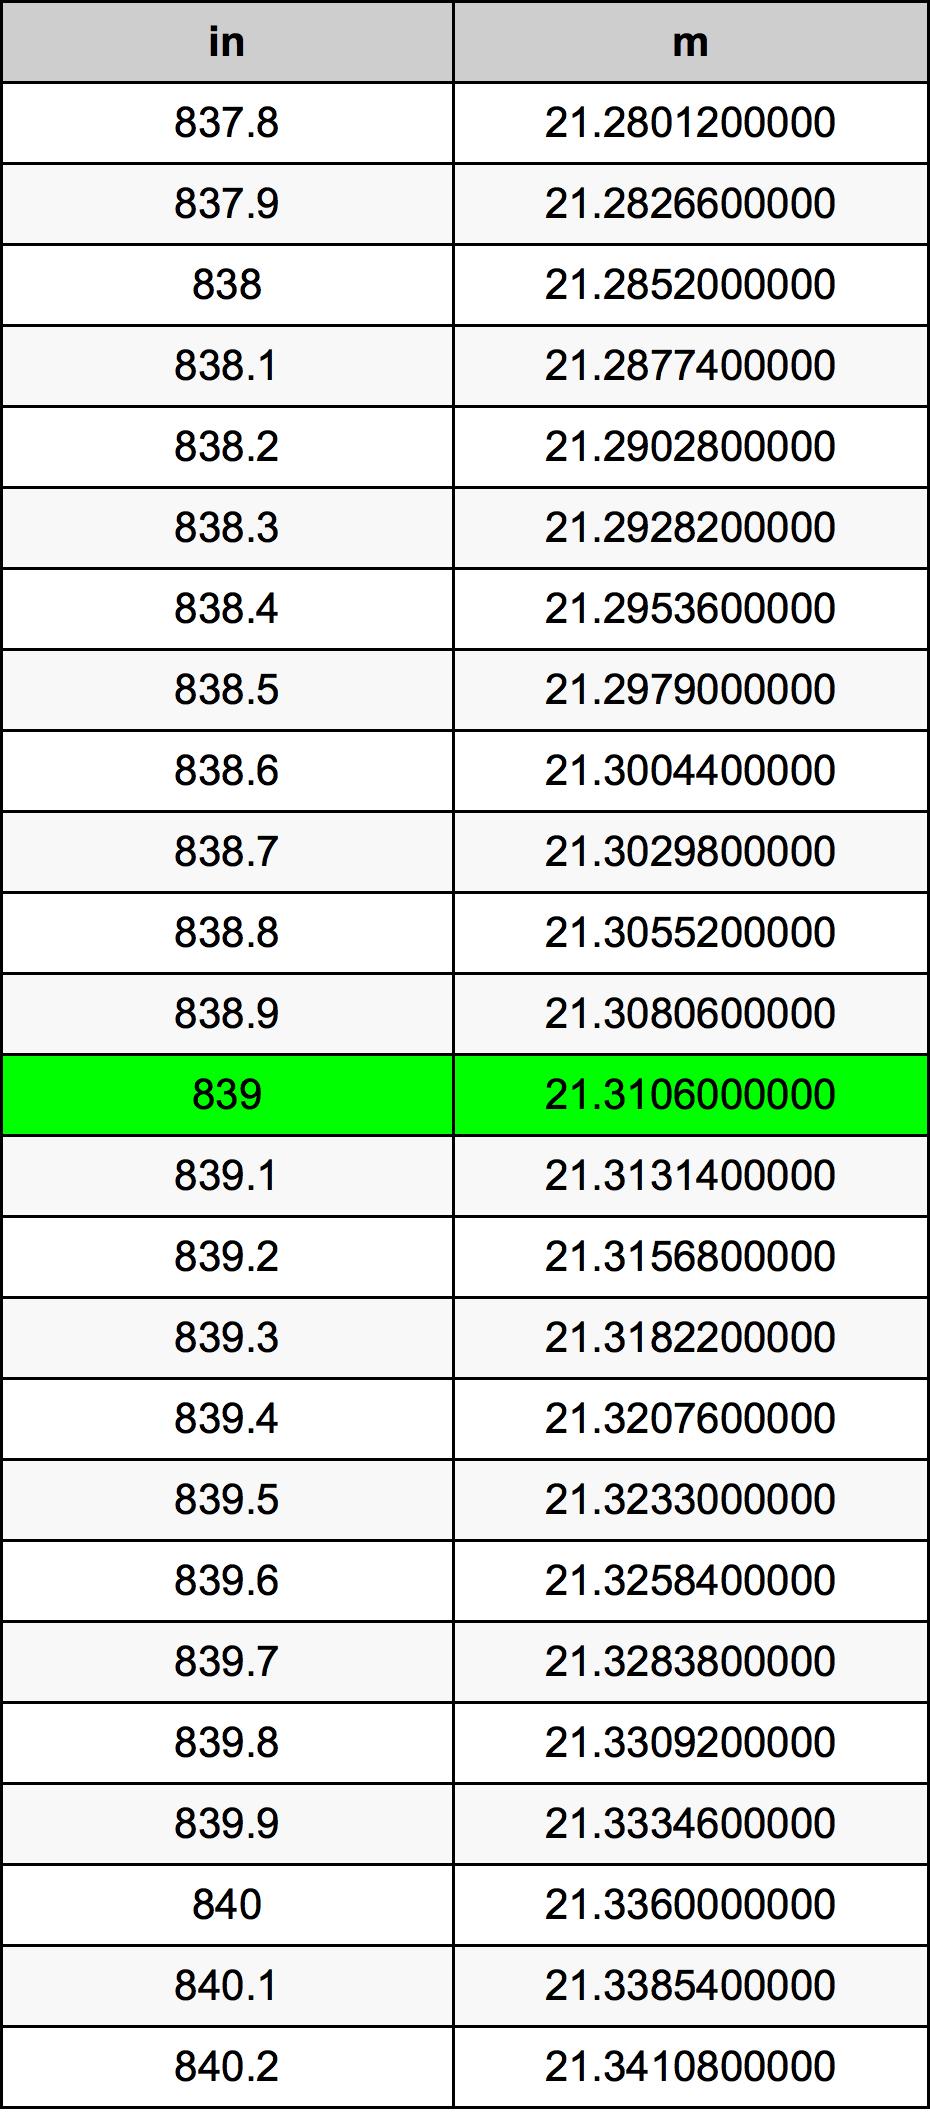 839 Țol tabelul de conversie